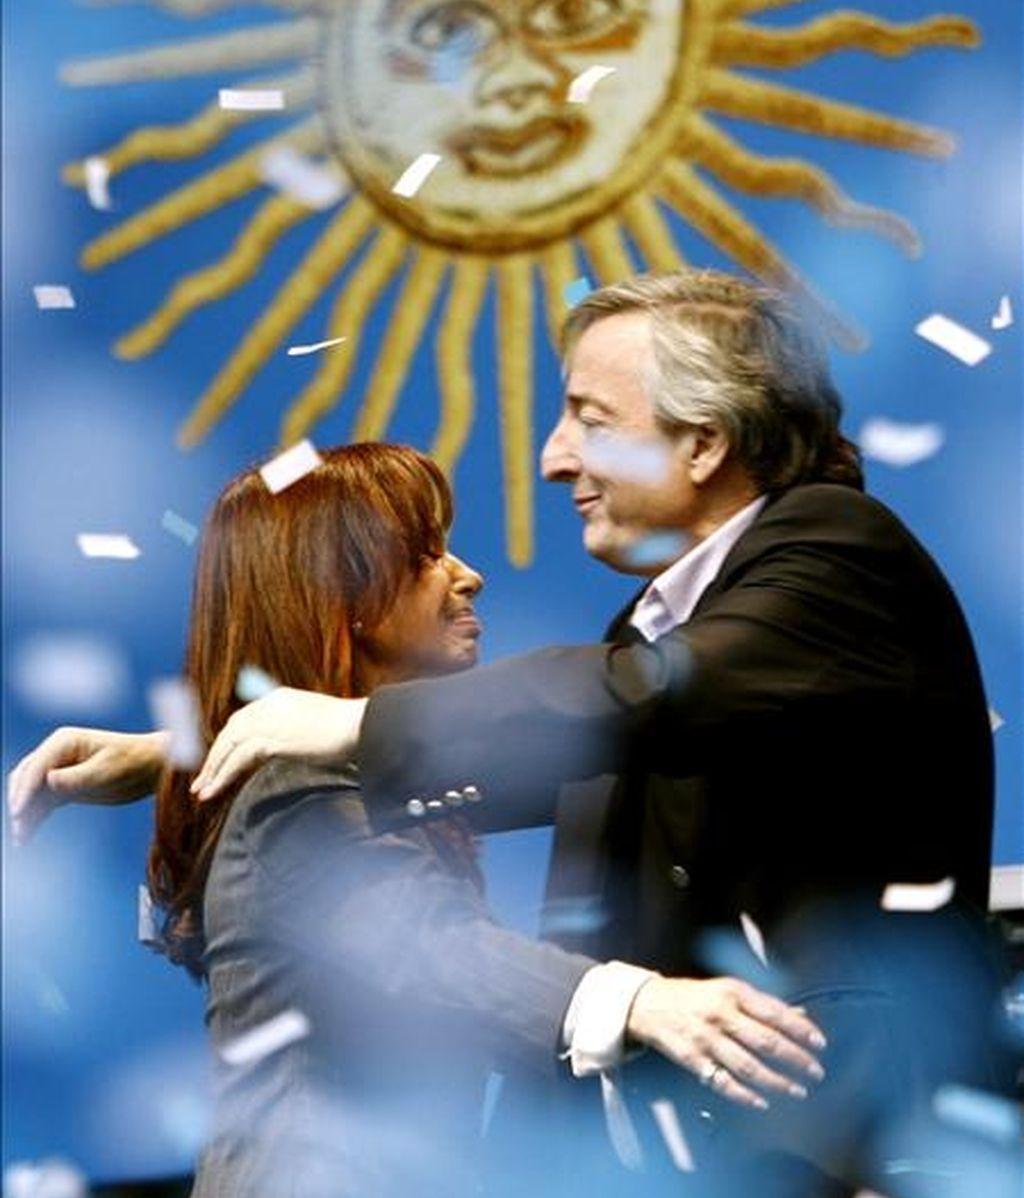 La necesidad de unir fuerzas para derrotar al matrimonio Kirchner, que lleva casi seis años en el poder, ha llevado a dirigentes opositores a dejar de lado diferencias que parecían irreconciliables. EFE/Archivo